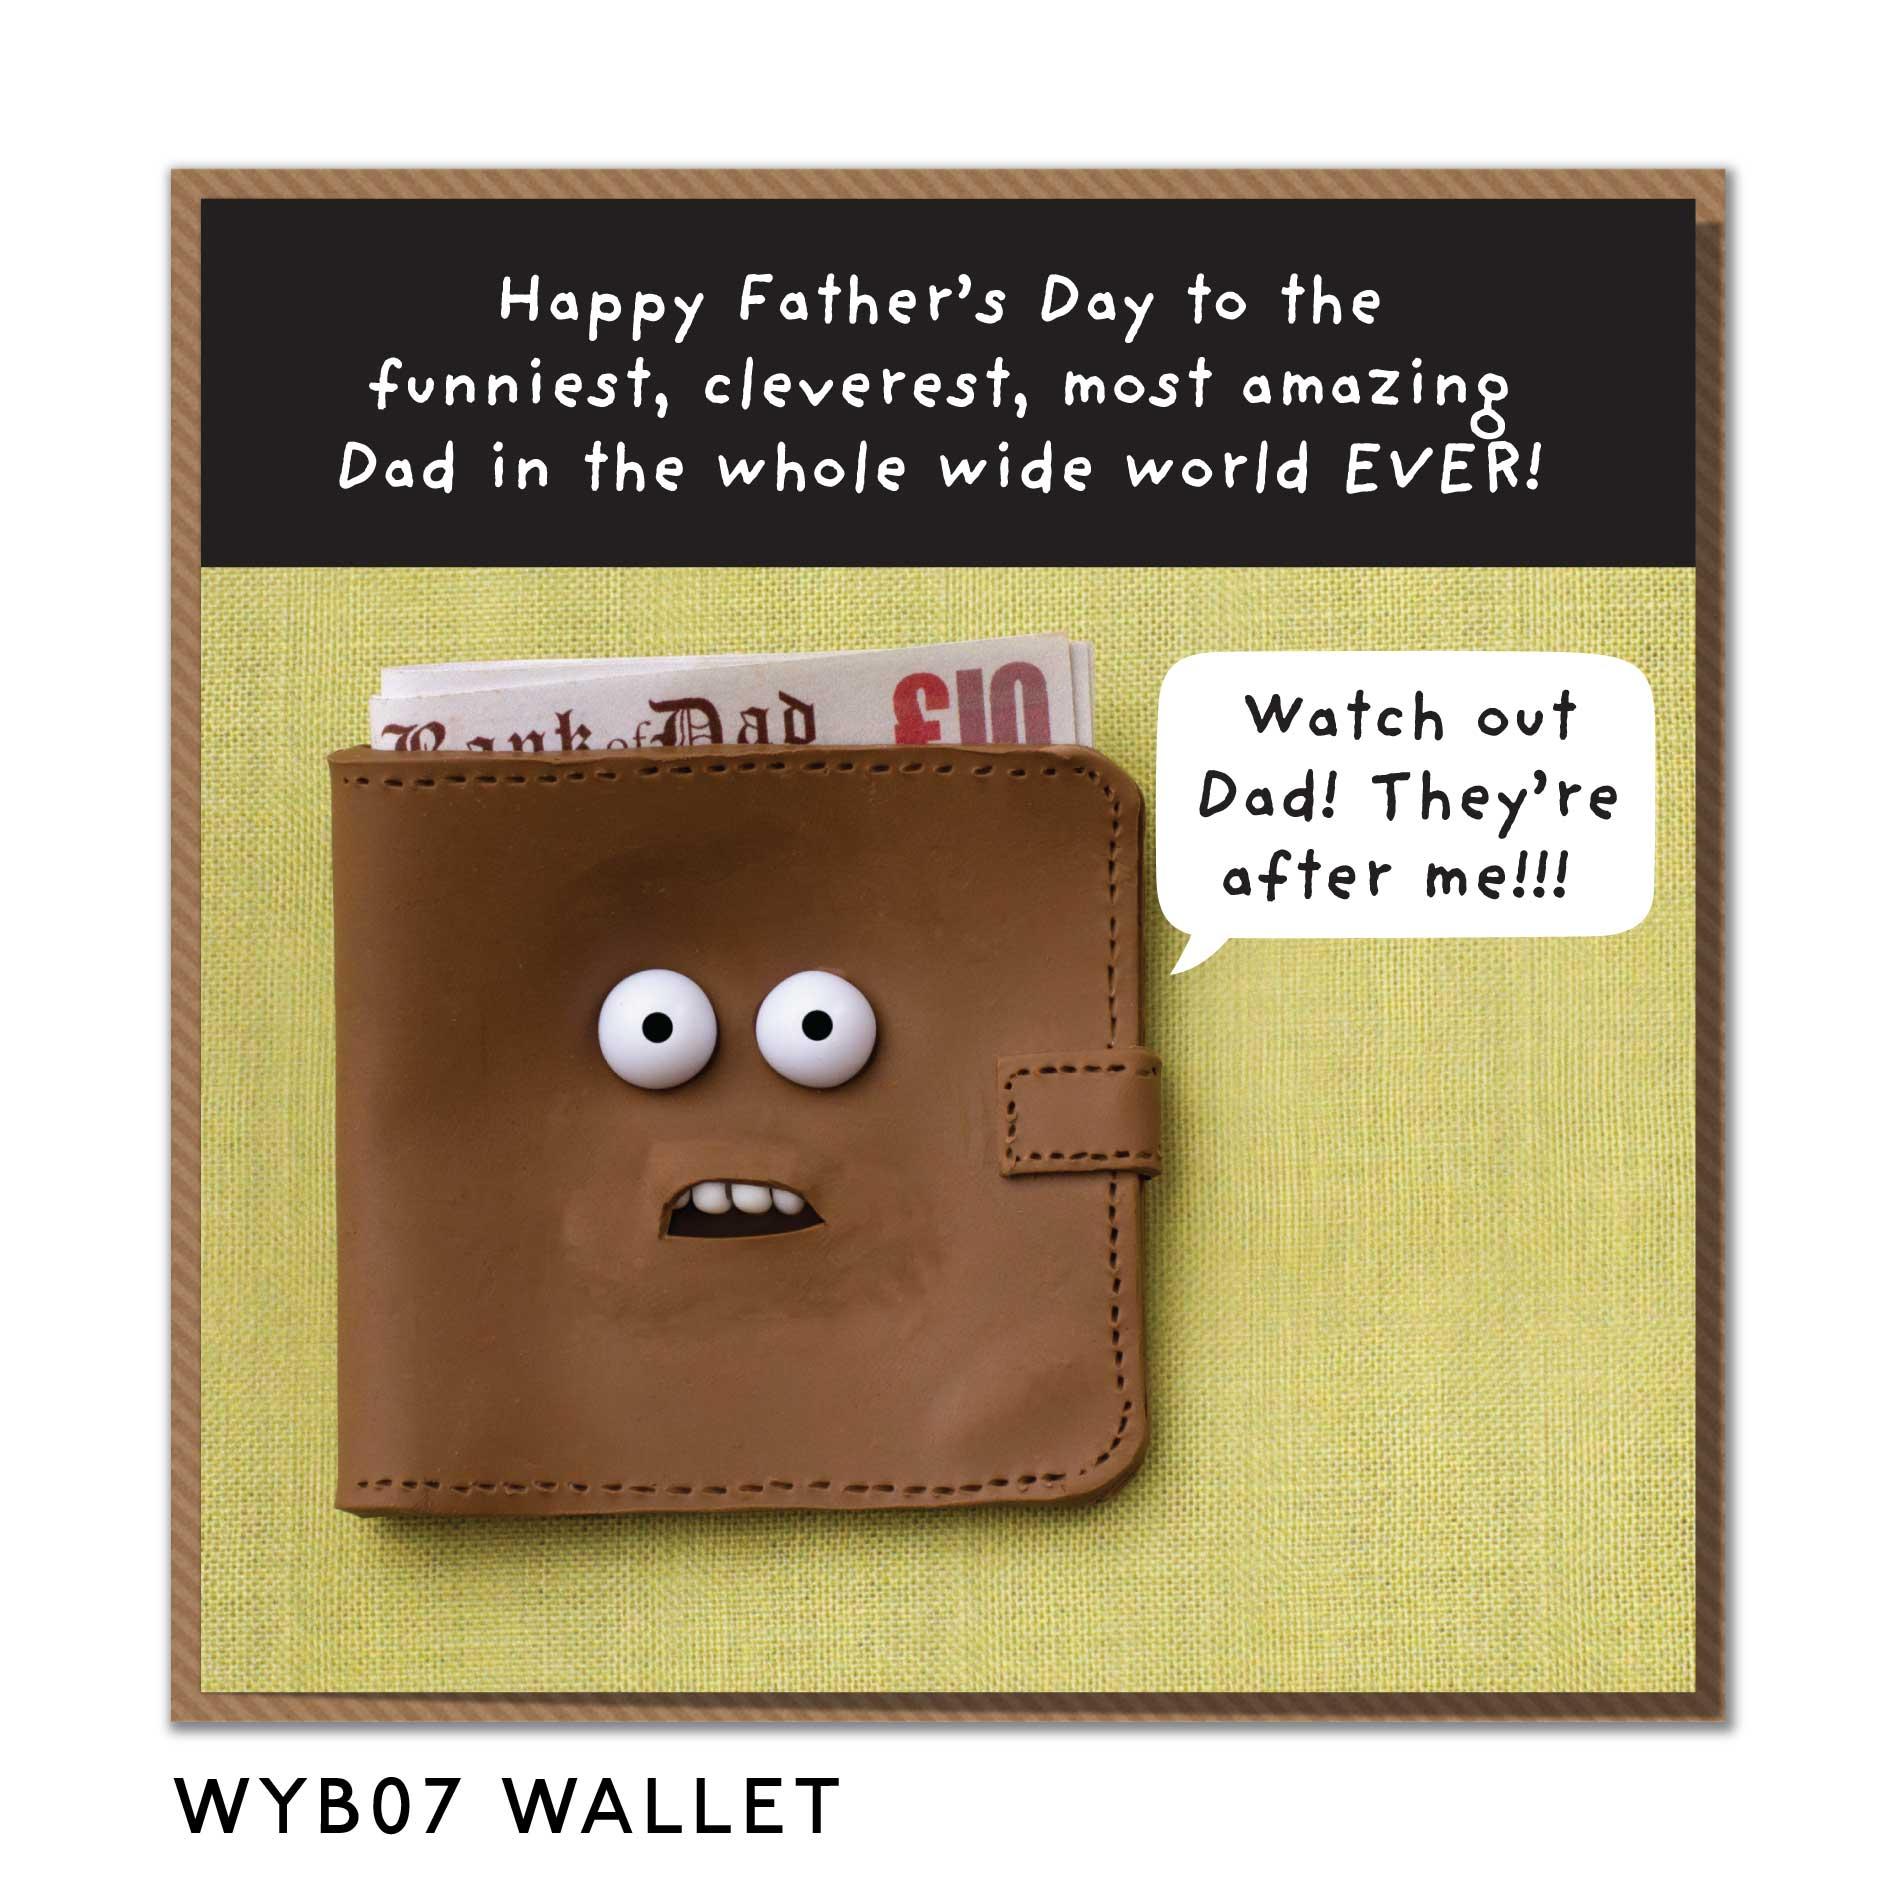 WYB07-WALLET.jpg